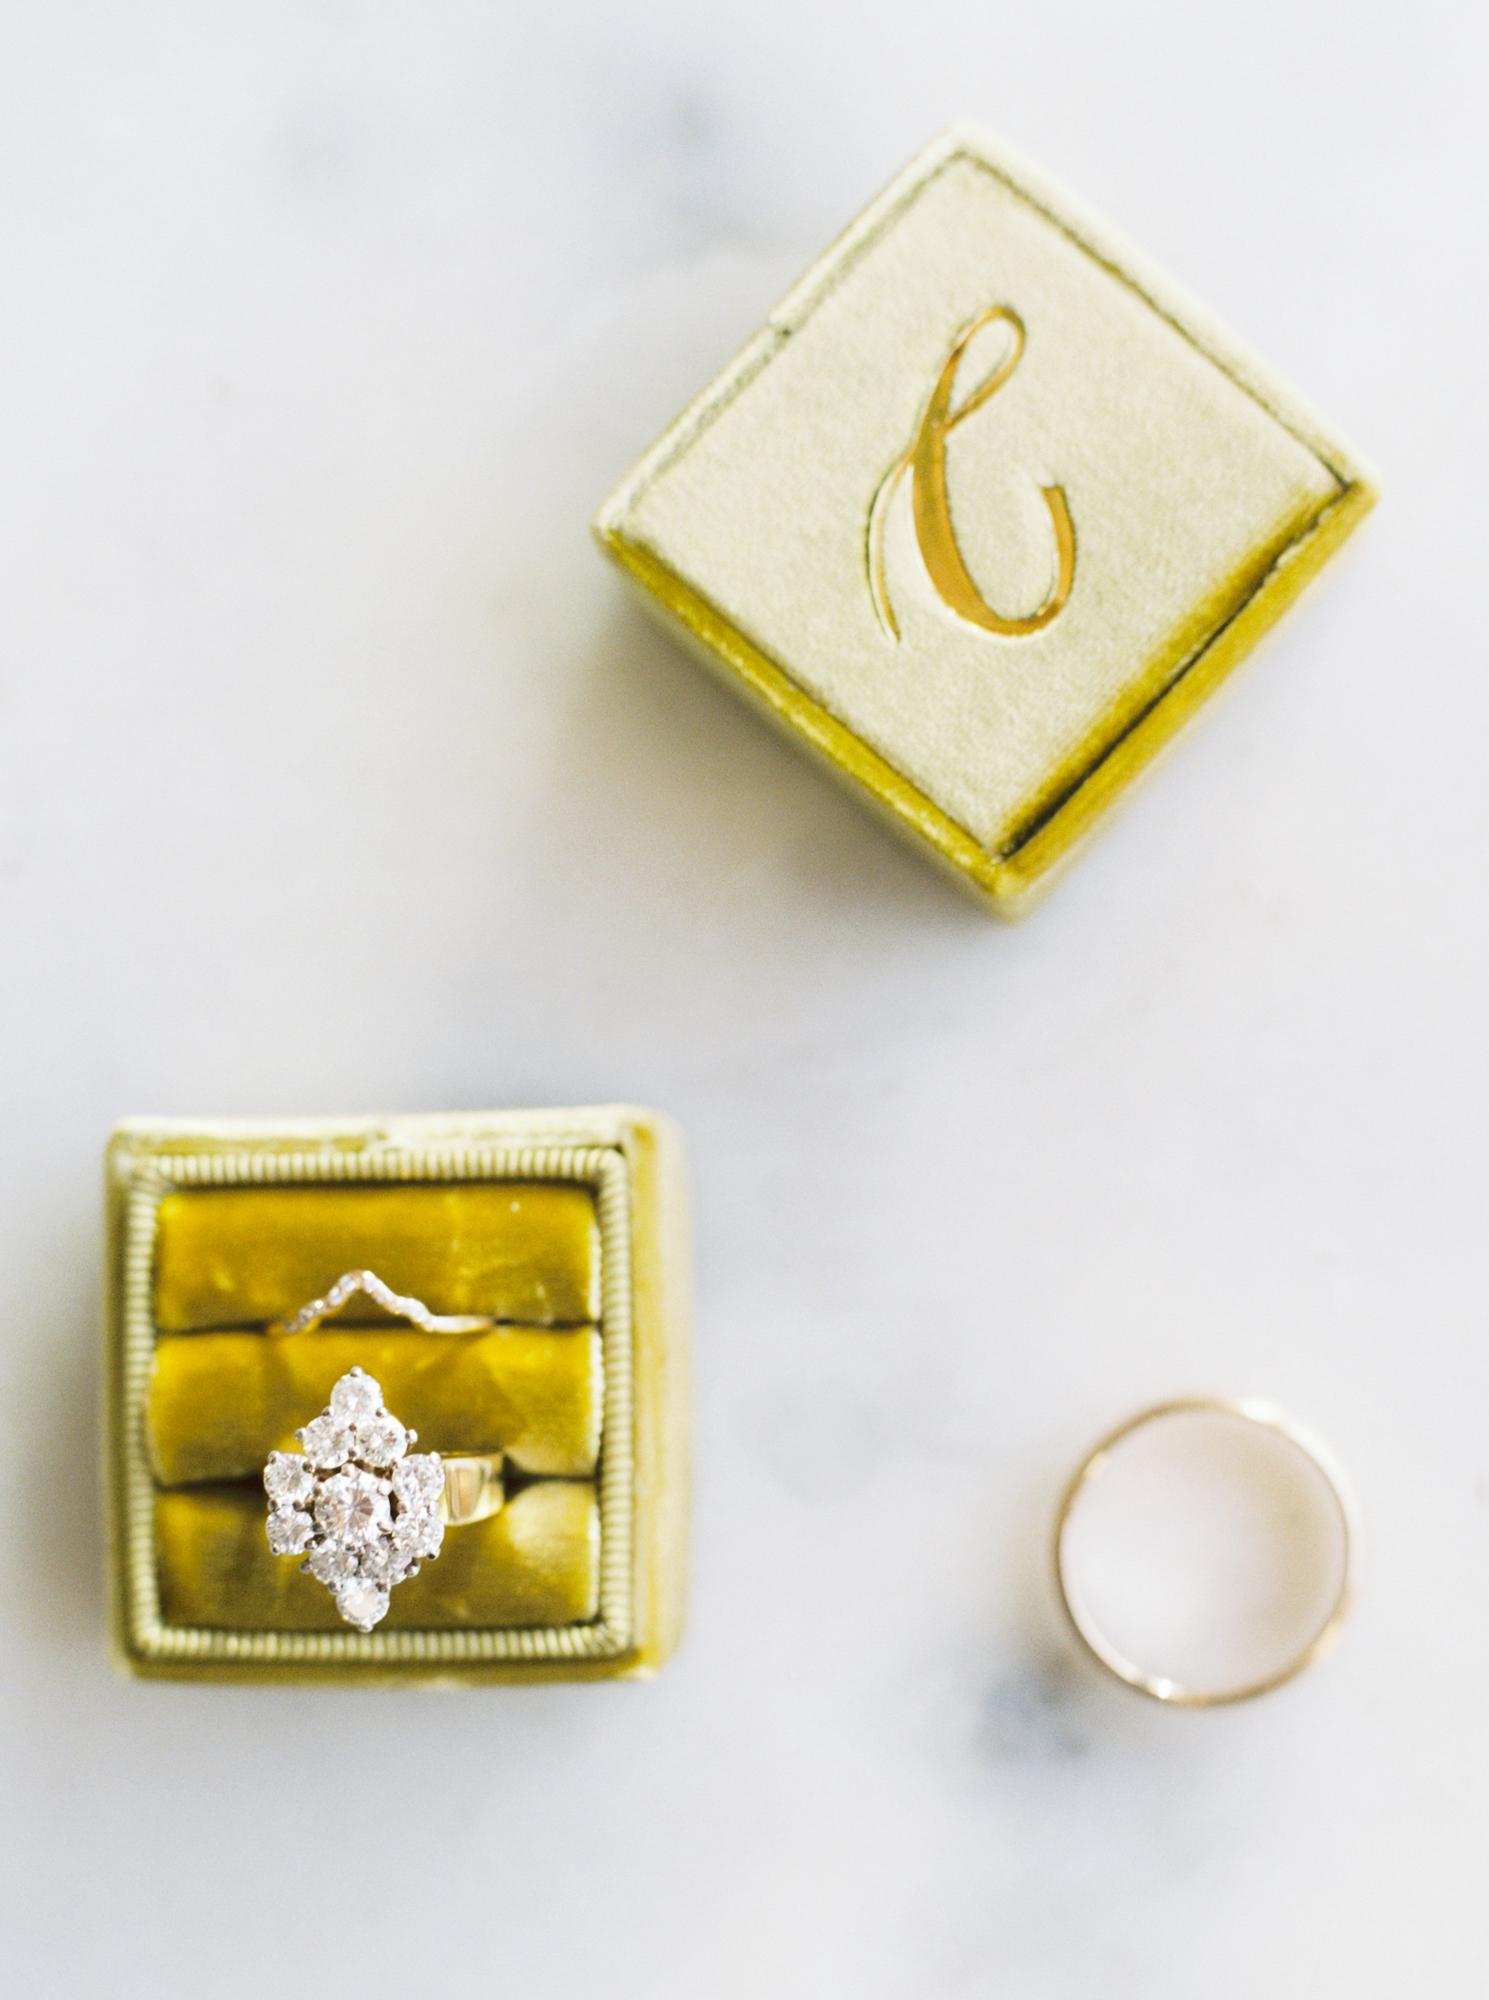 antique wedding ring in velvet box